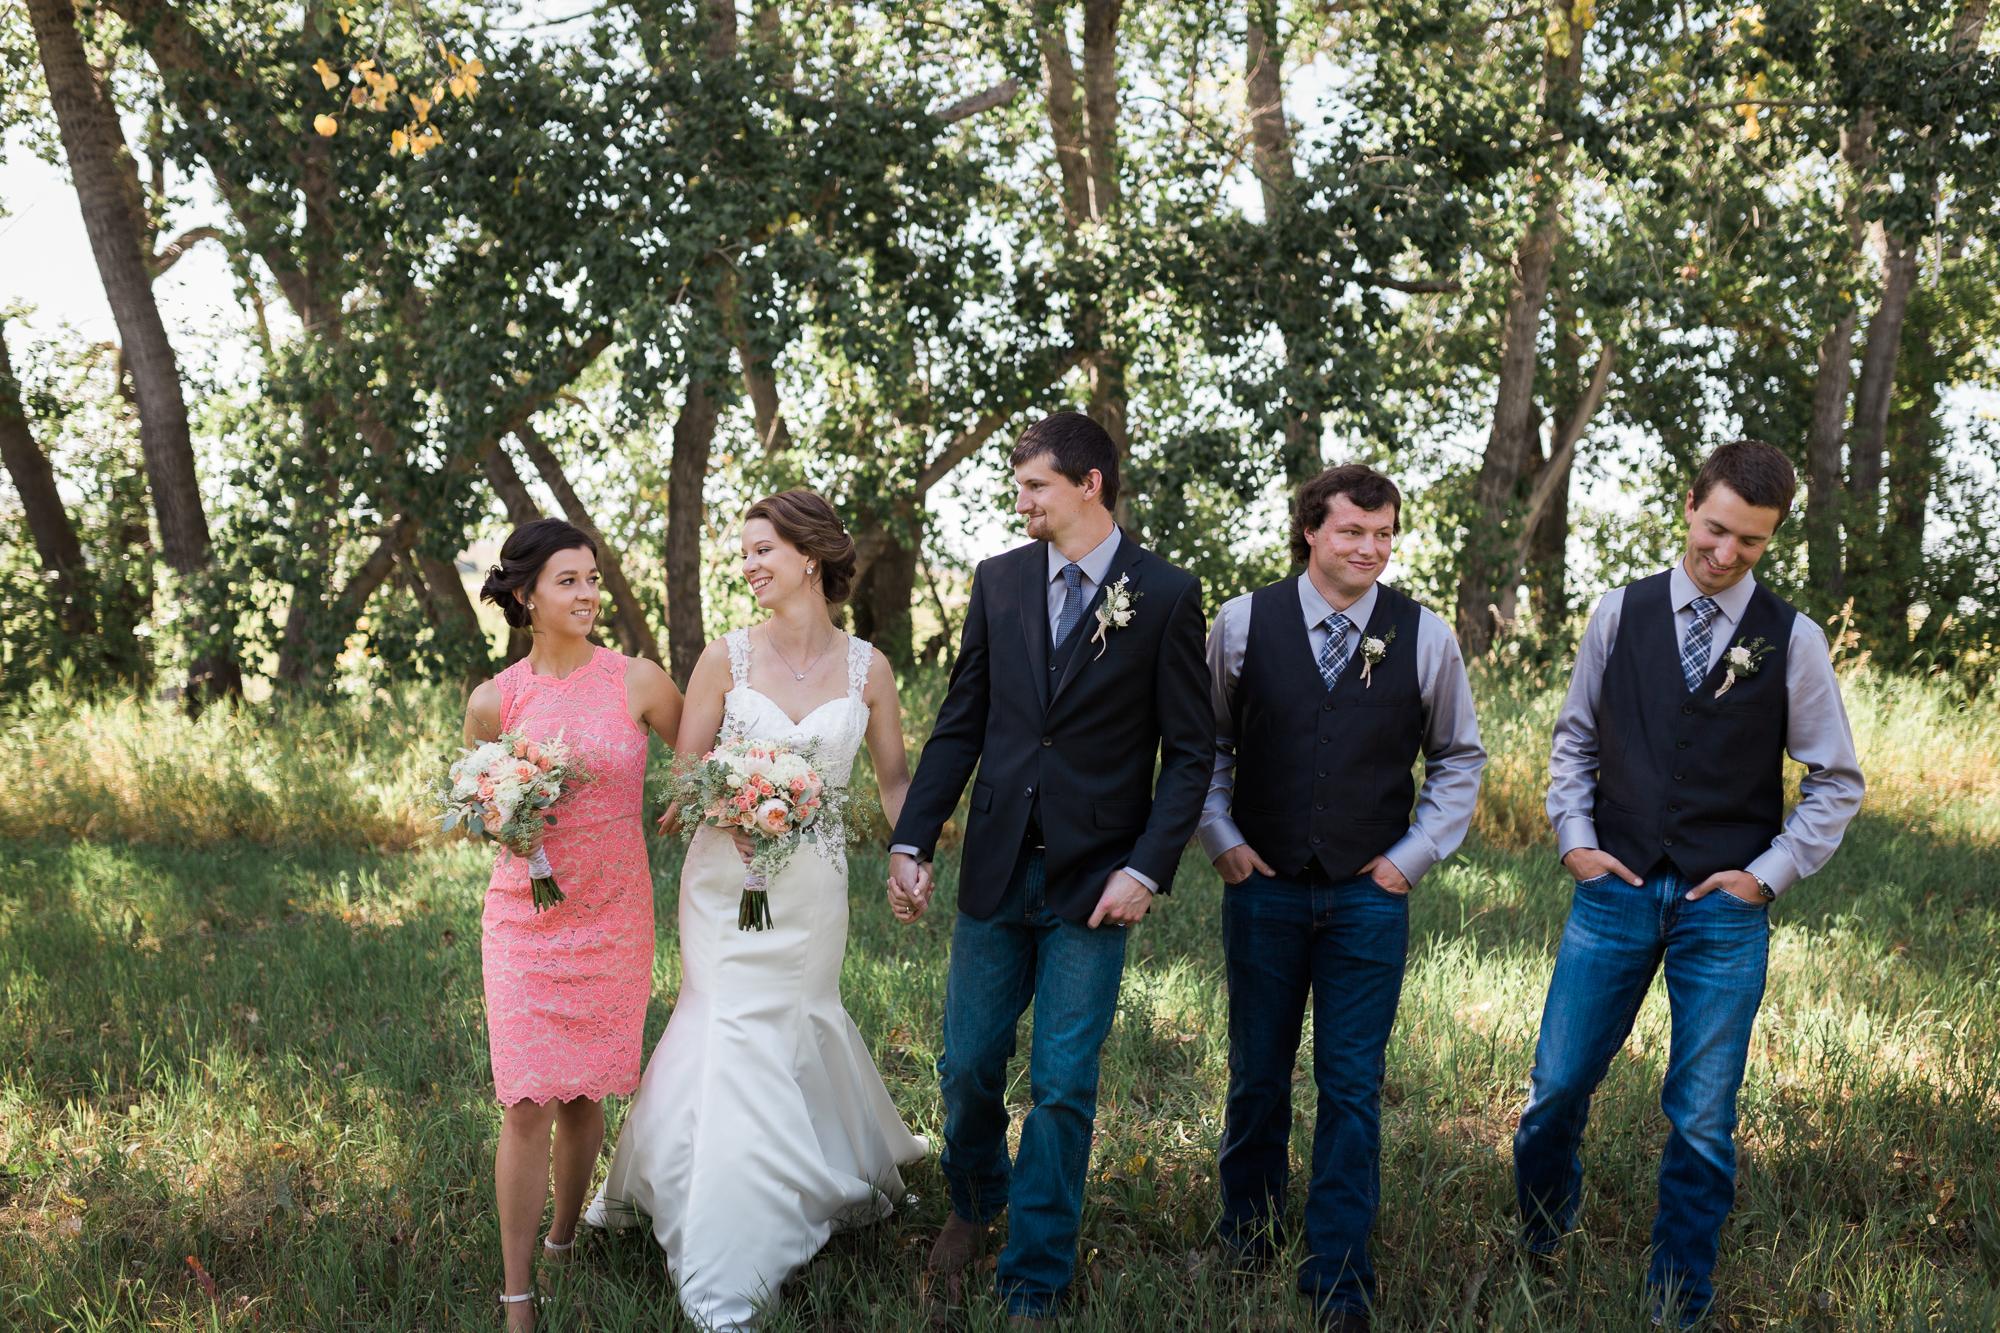 Deanna-Rachel-Photography-calgary-Wedding-photographer-jm-39.jpg